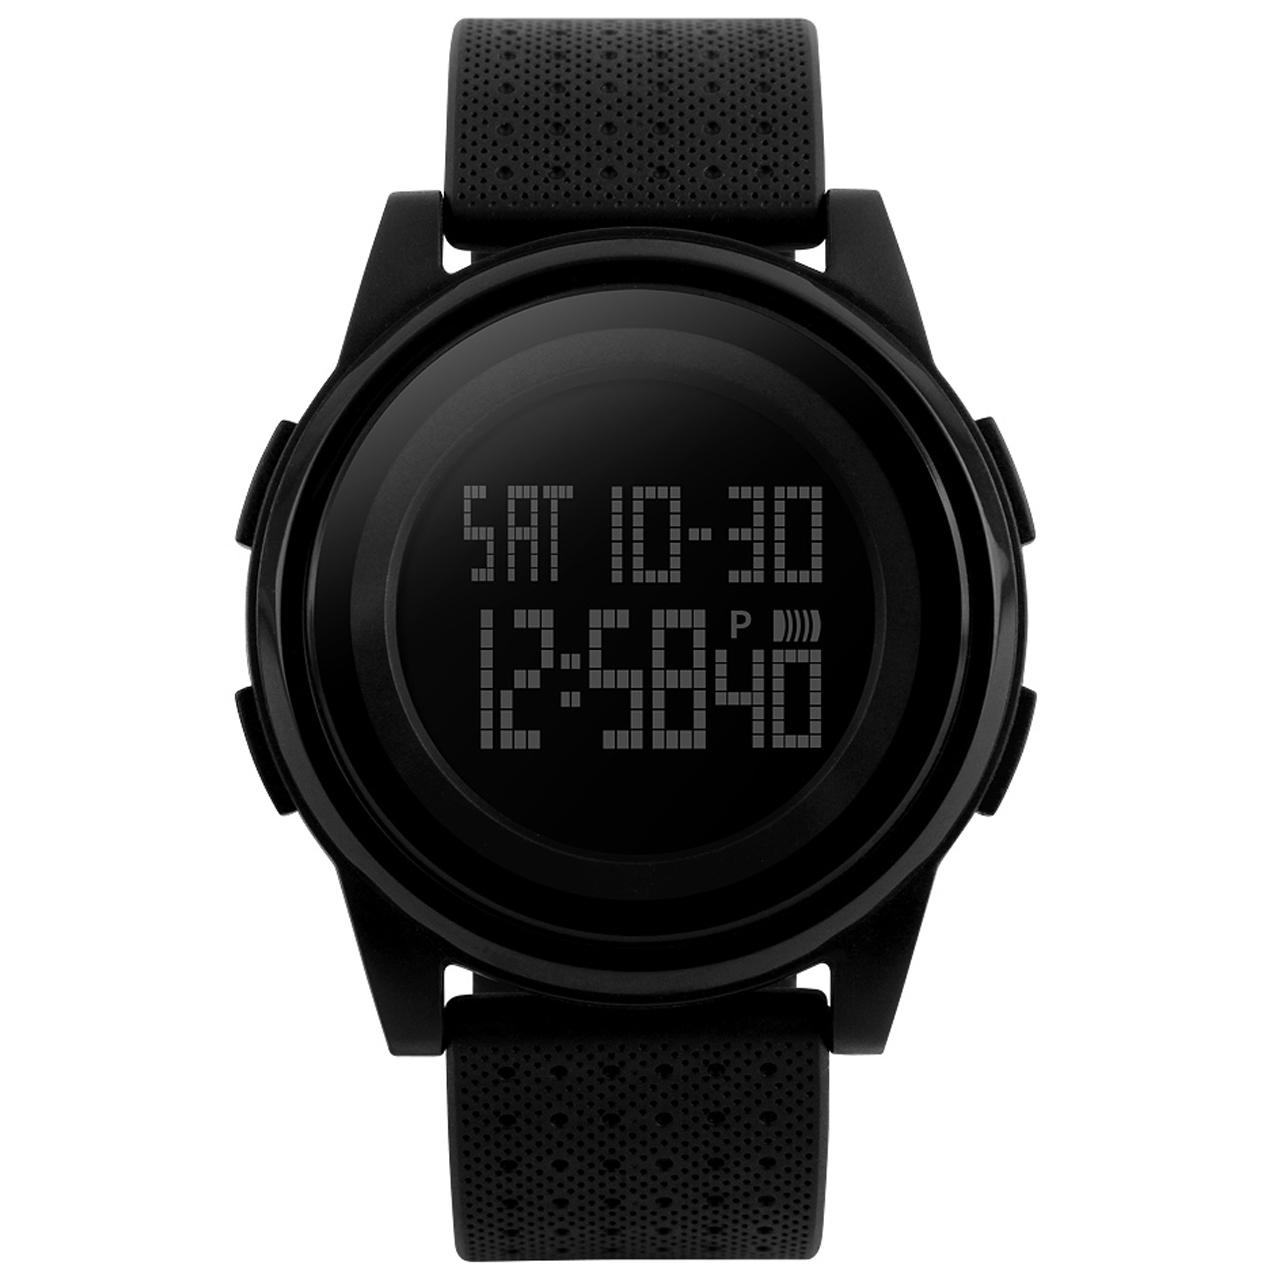 ساعت مچی دیجیتال اسکمی مدل 1206M 49